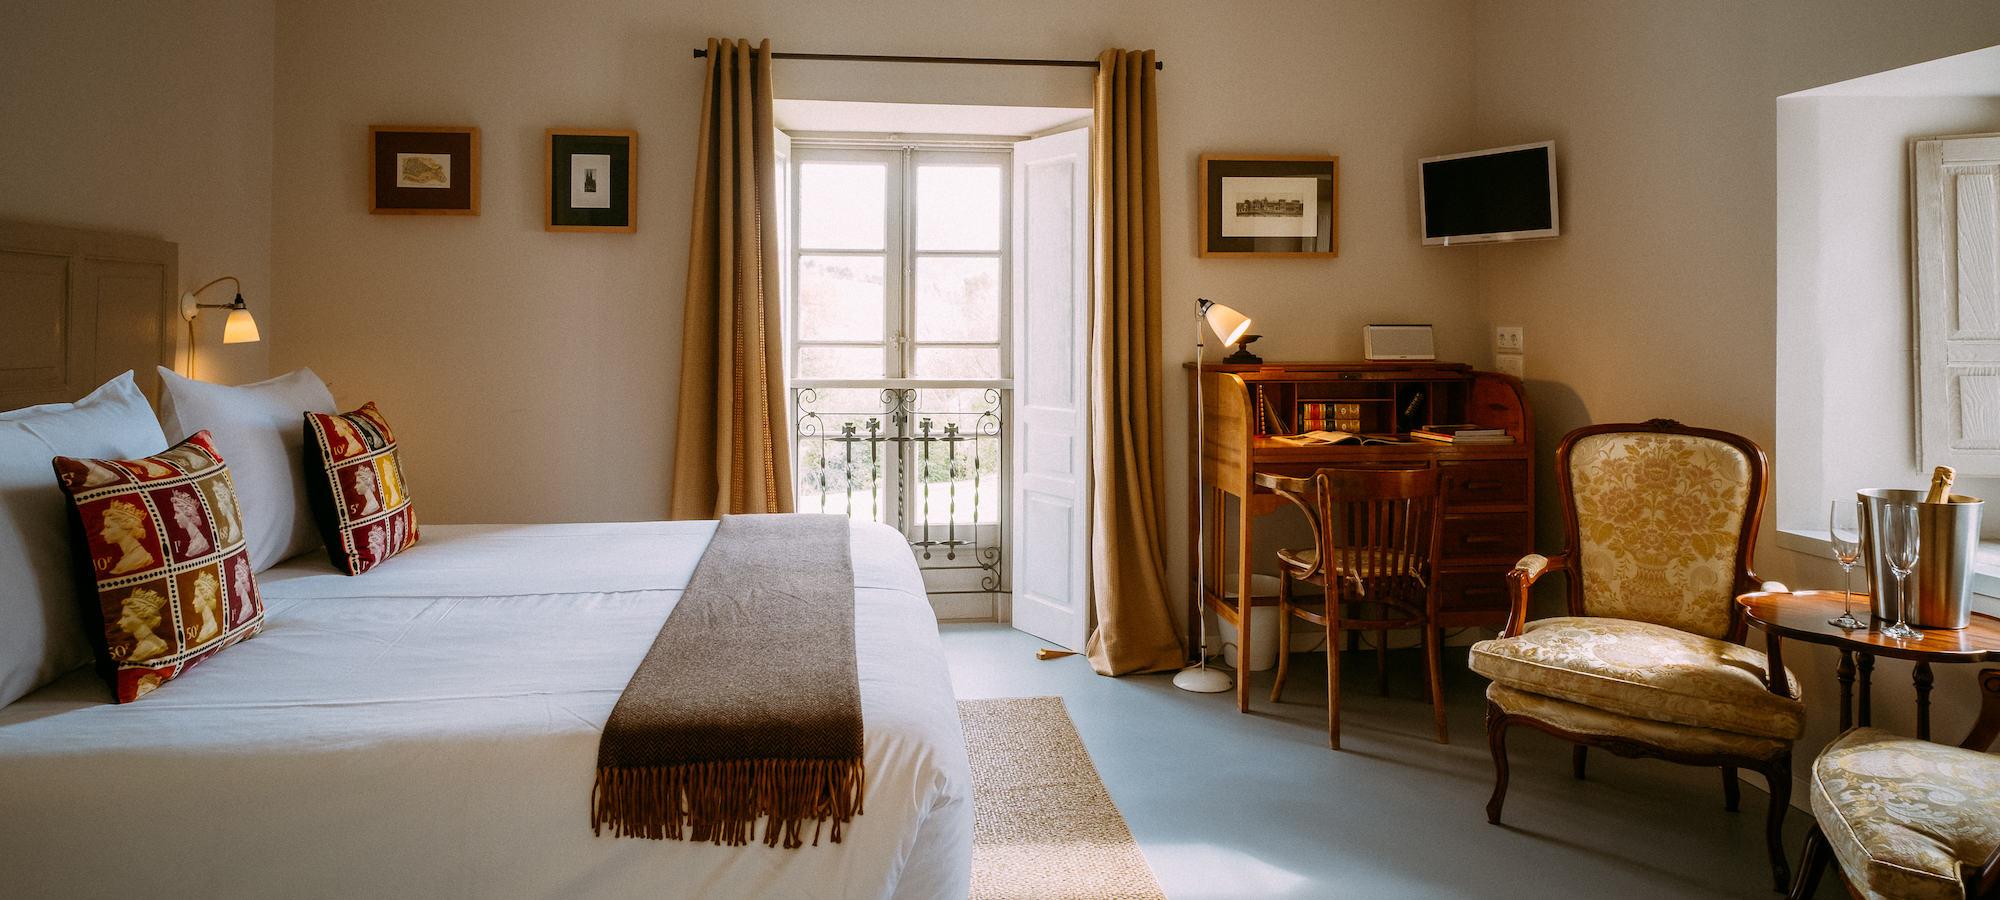 el gran suelo jardin bedroom